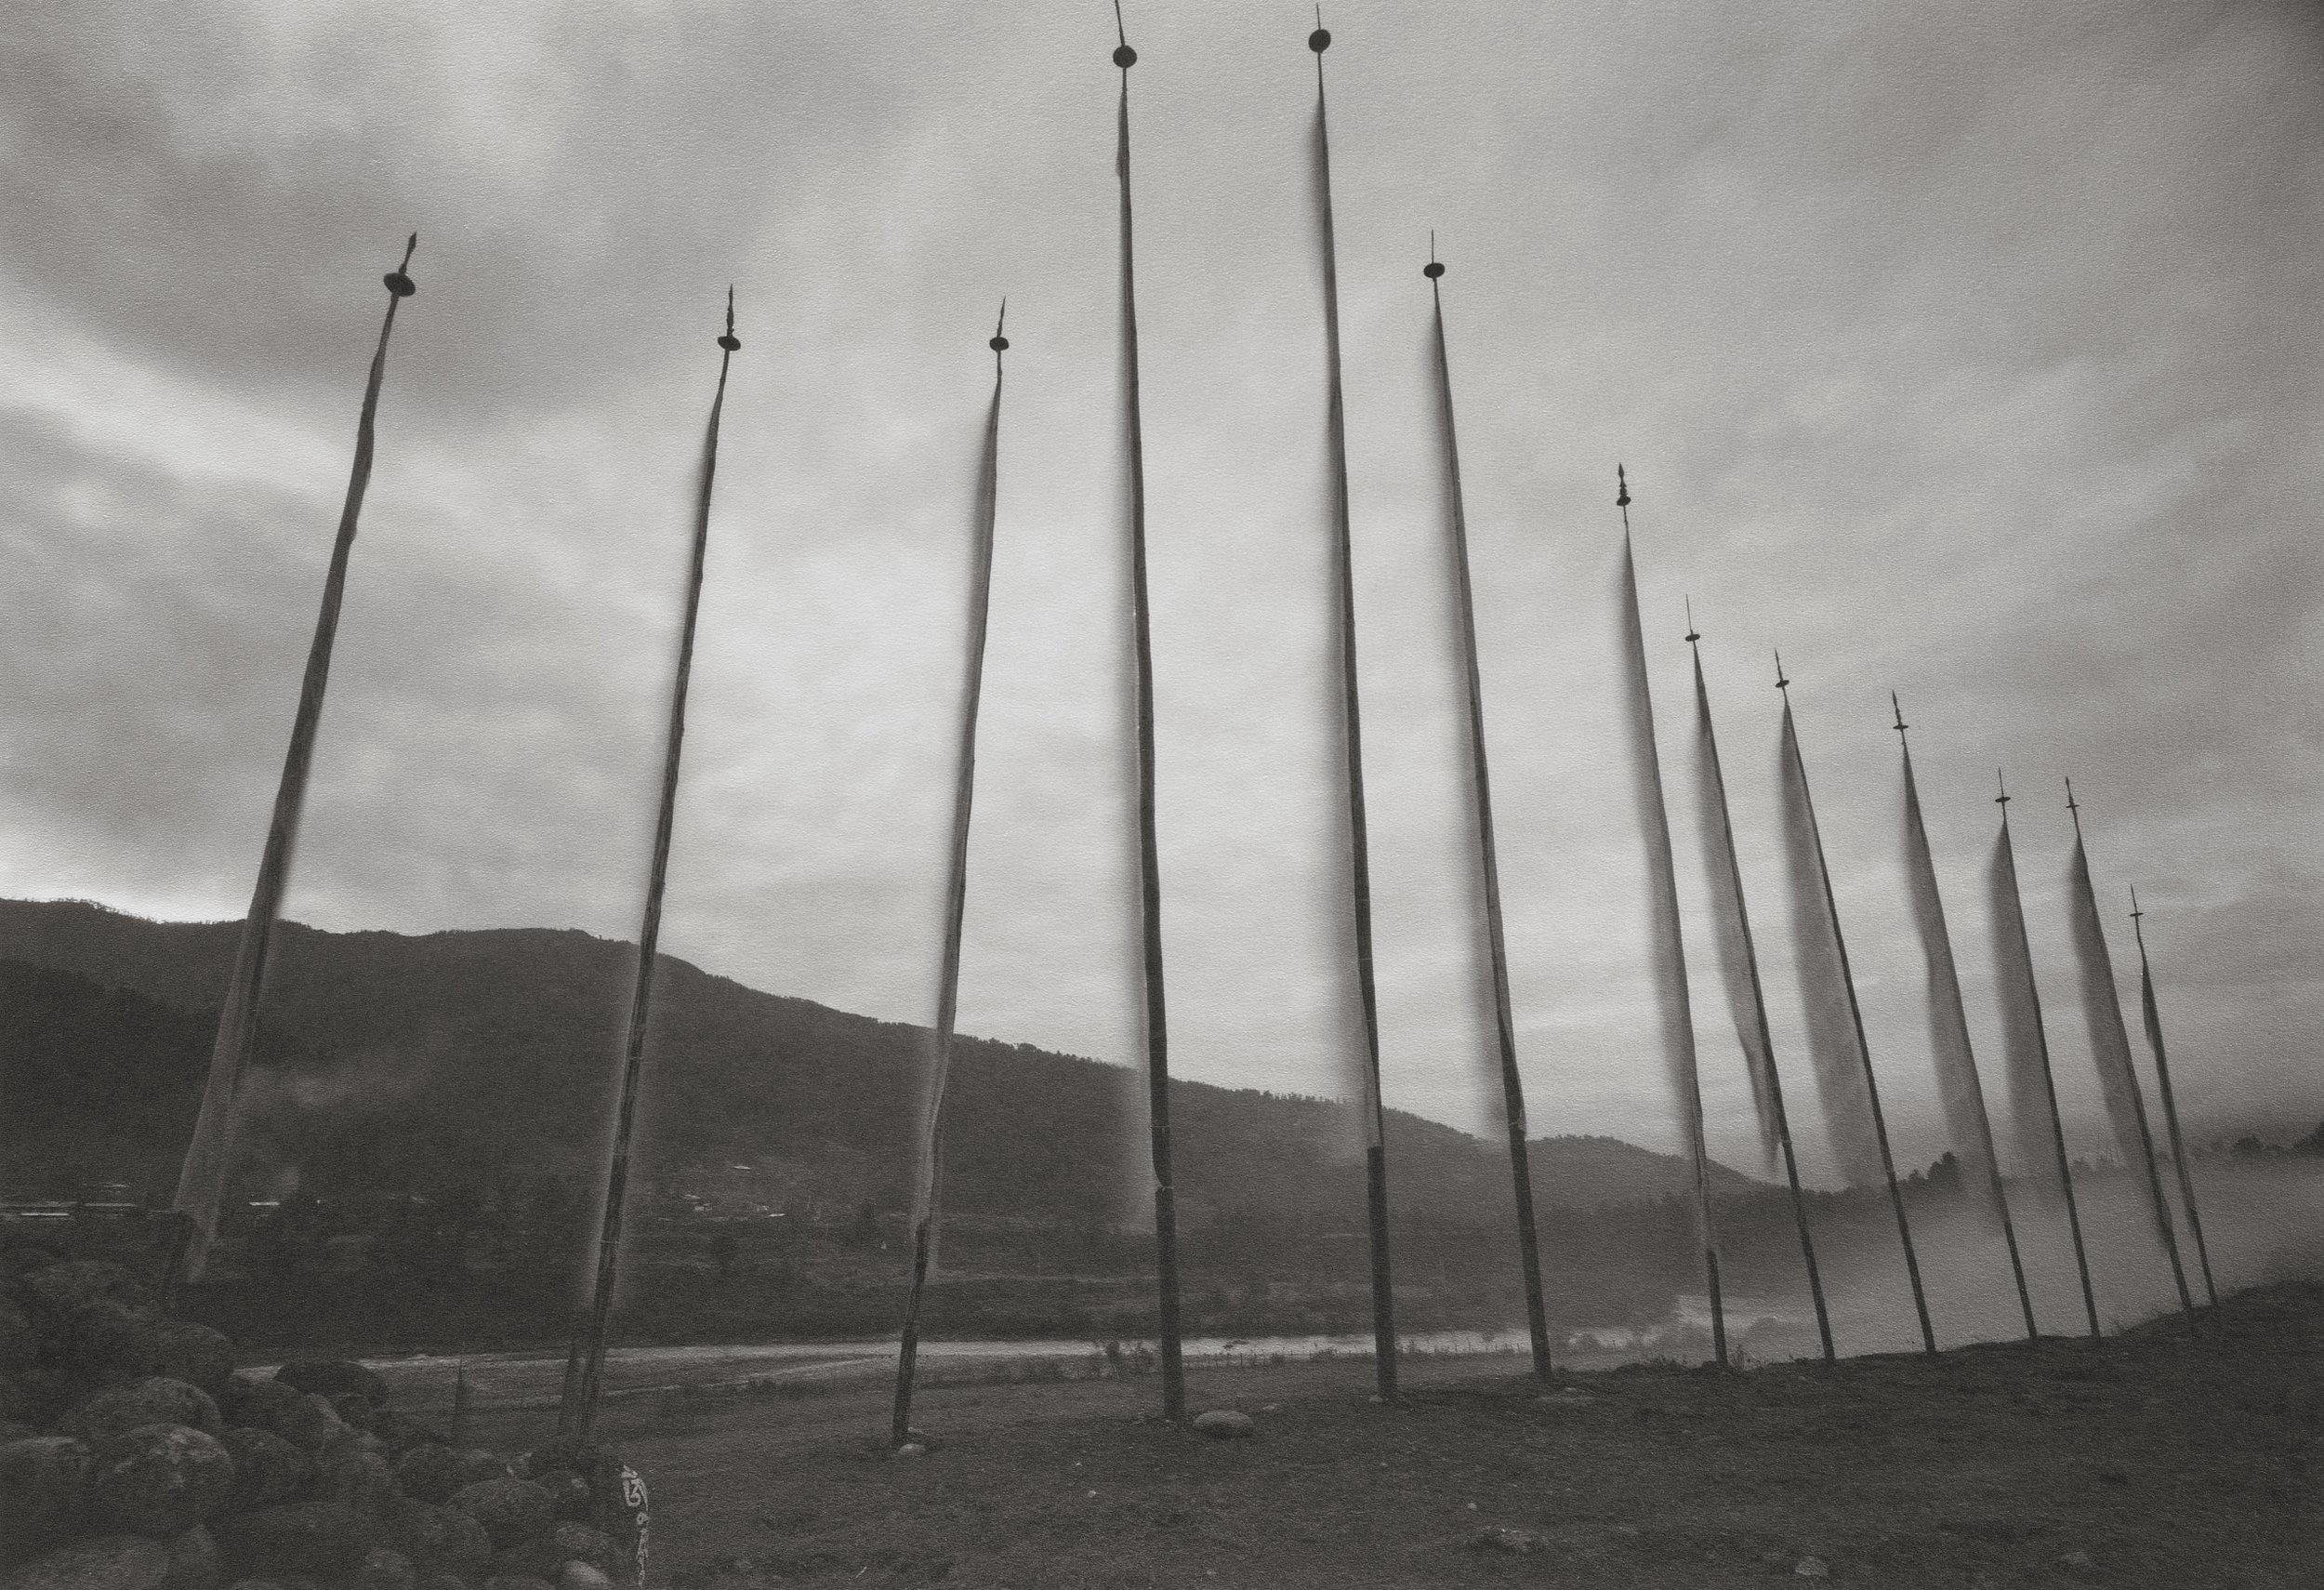 KENRO IZU, Bhutan #2 , 2002